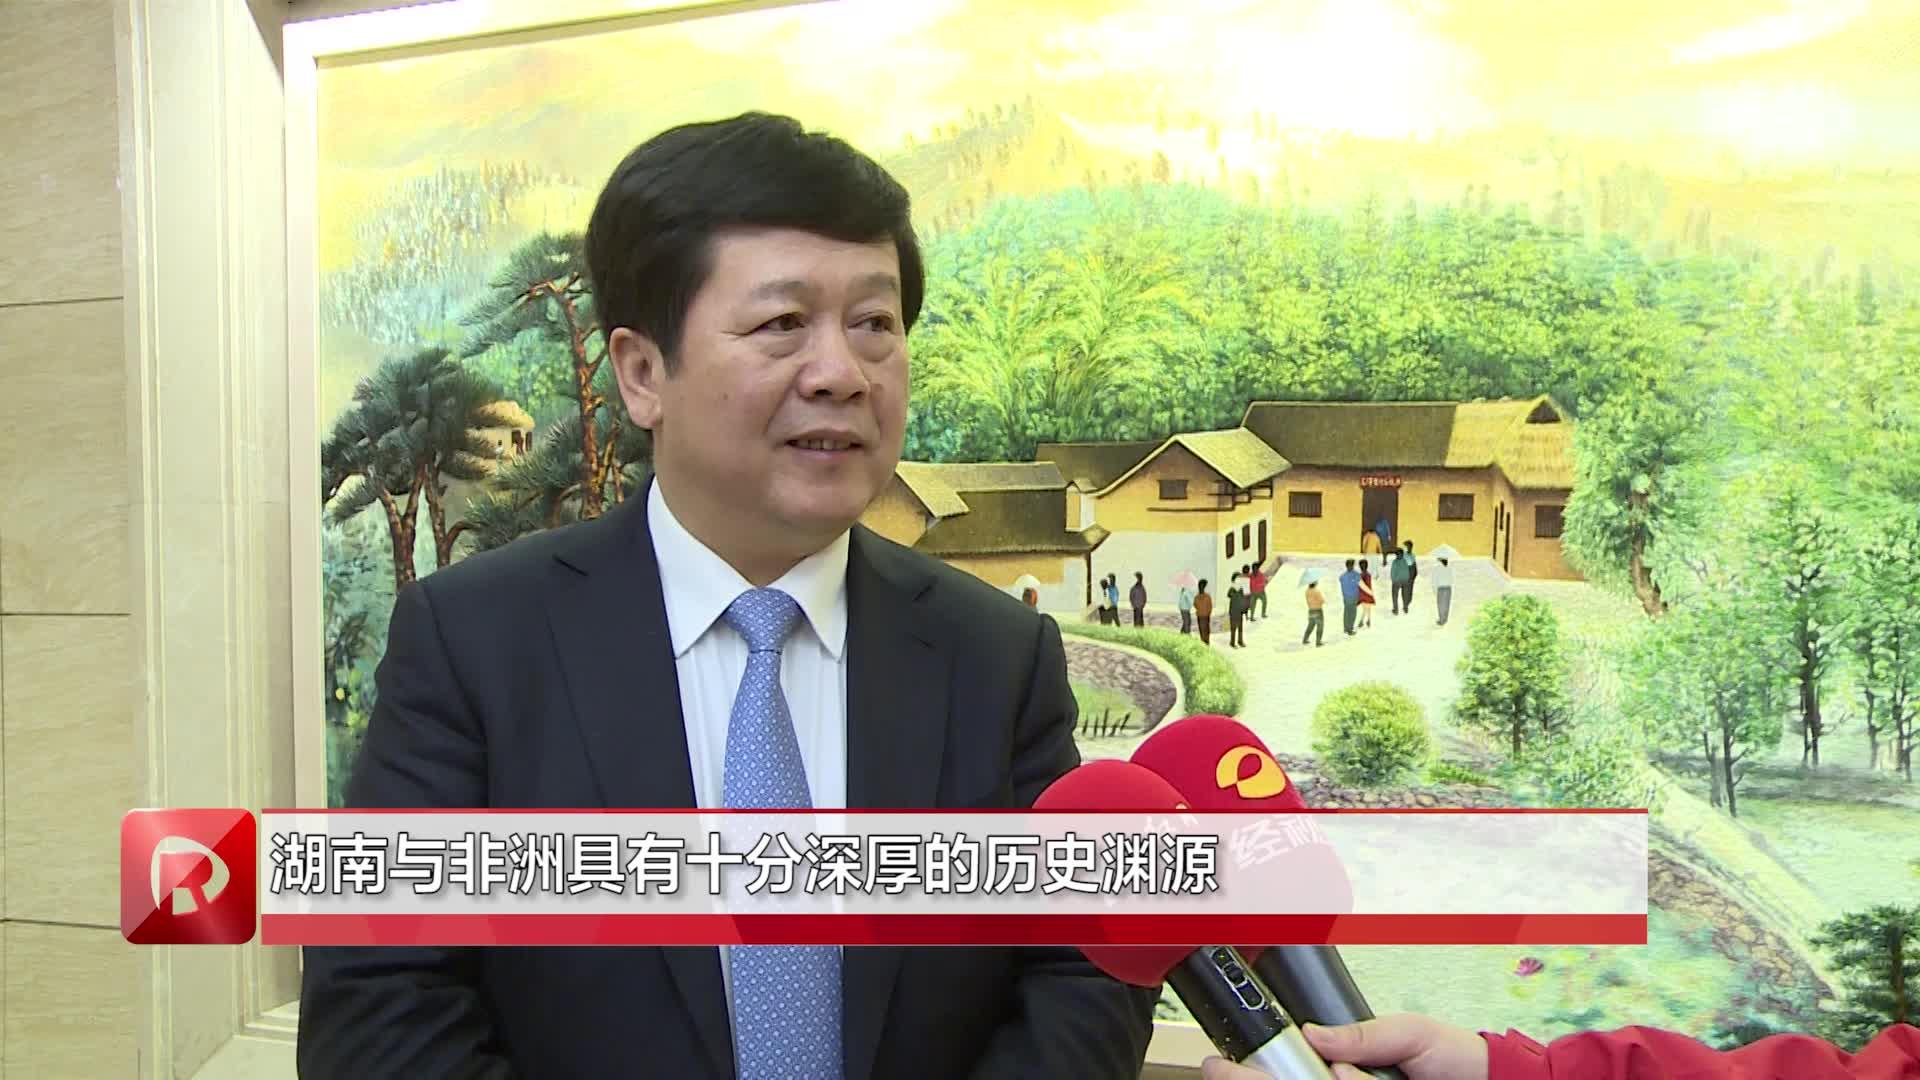 徐湘平厅长在第一届中非经贸博览会推介会现场接受红网专访